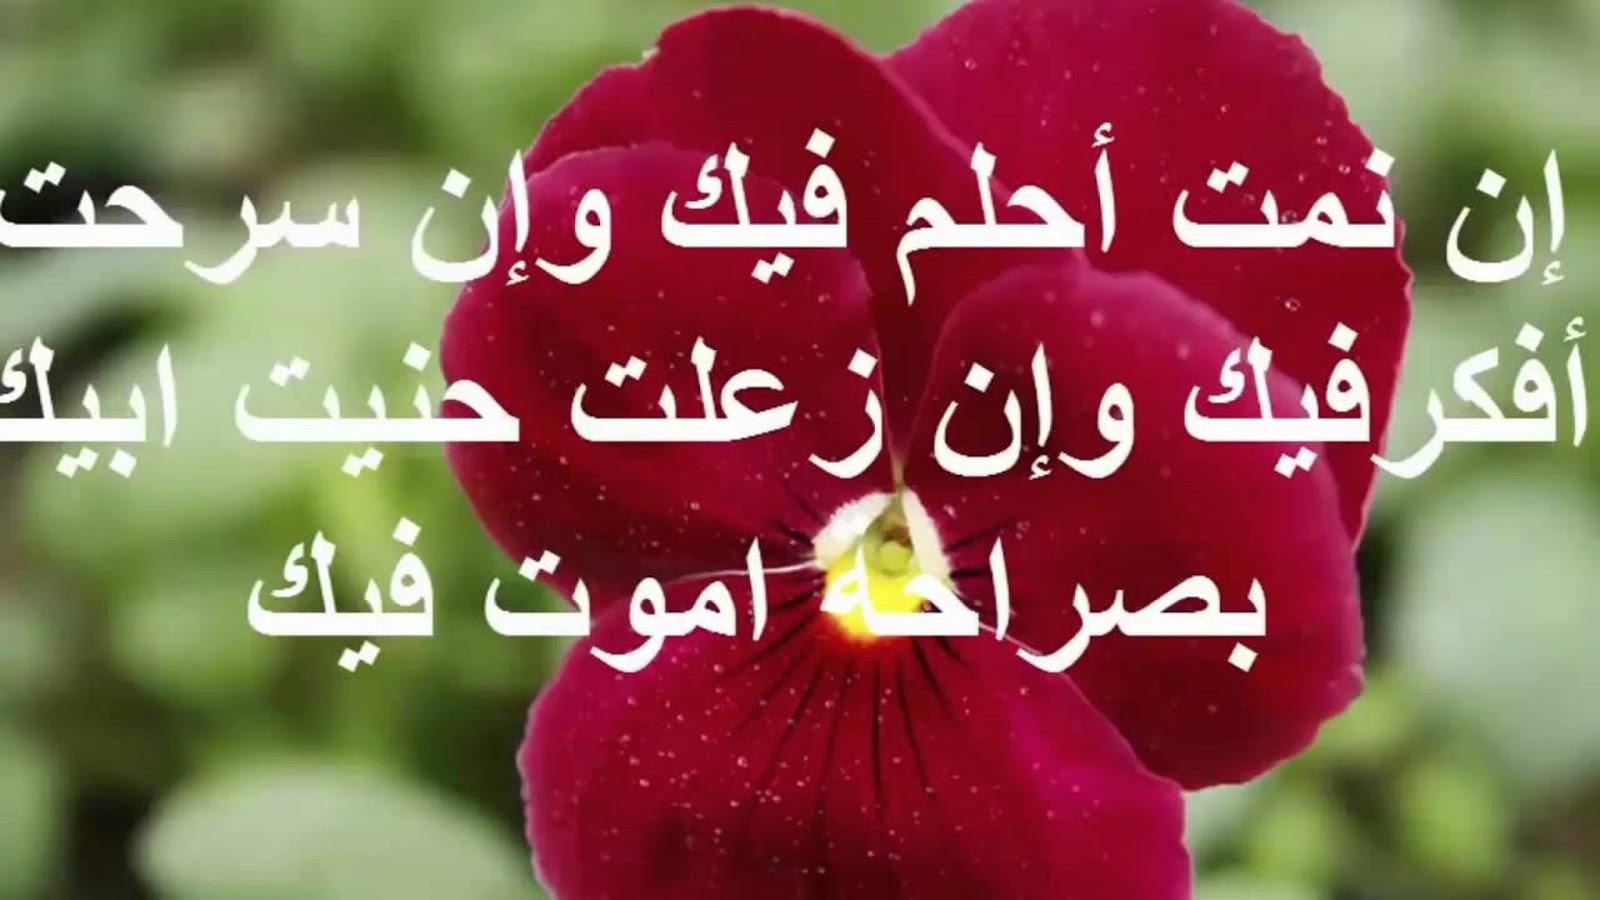 بالصور رسائل حب مصرية , اروع سالة حب بالمصرية 1097 10